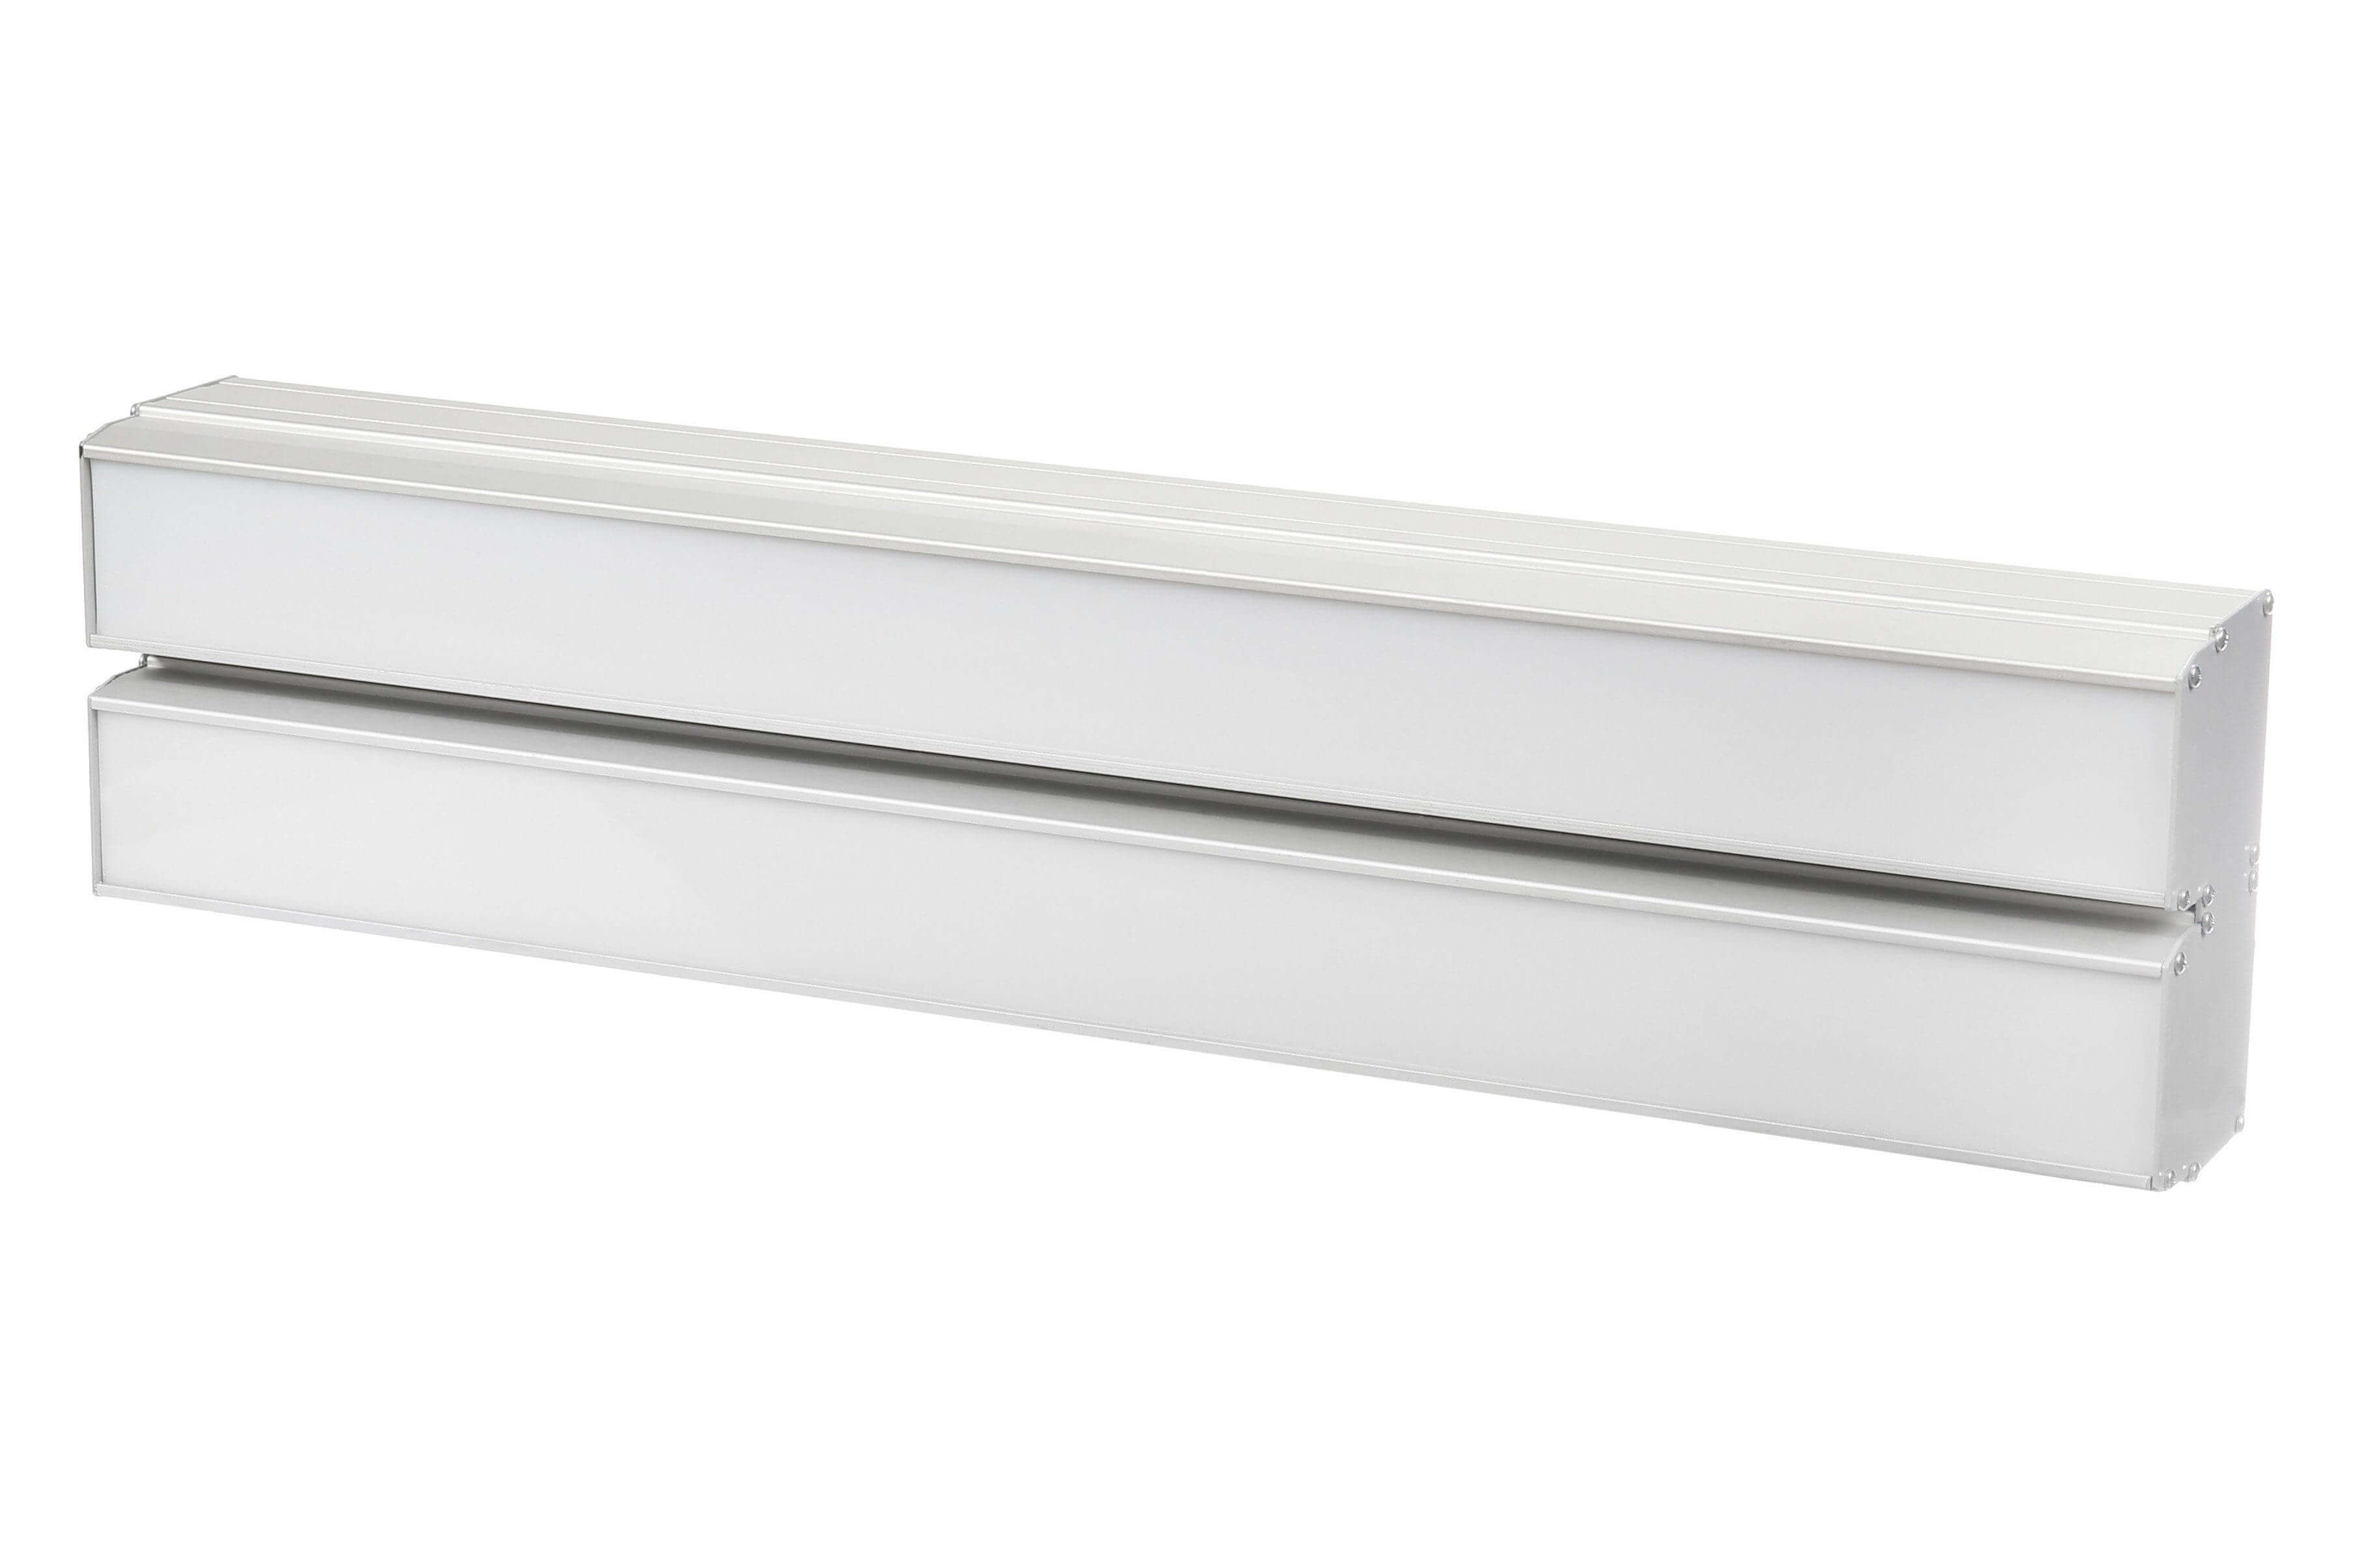 Светодиодный светильник LEDcraft LC-40-2PR-DW 40 Ватт IP20 (595 мм) Нейтральный Опал